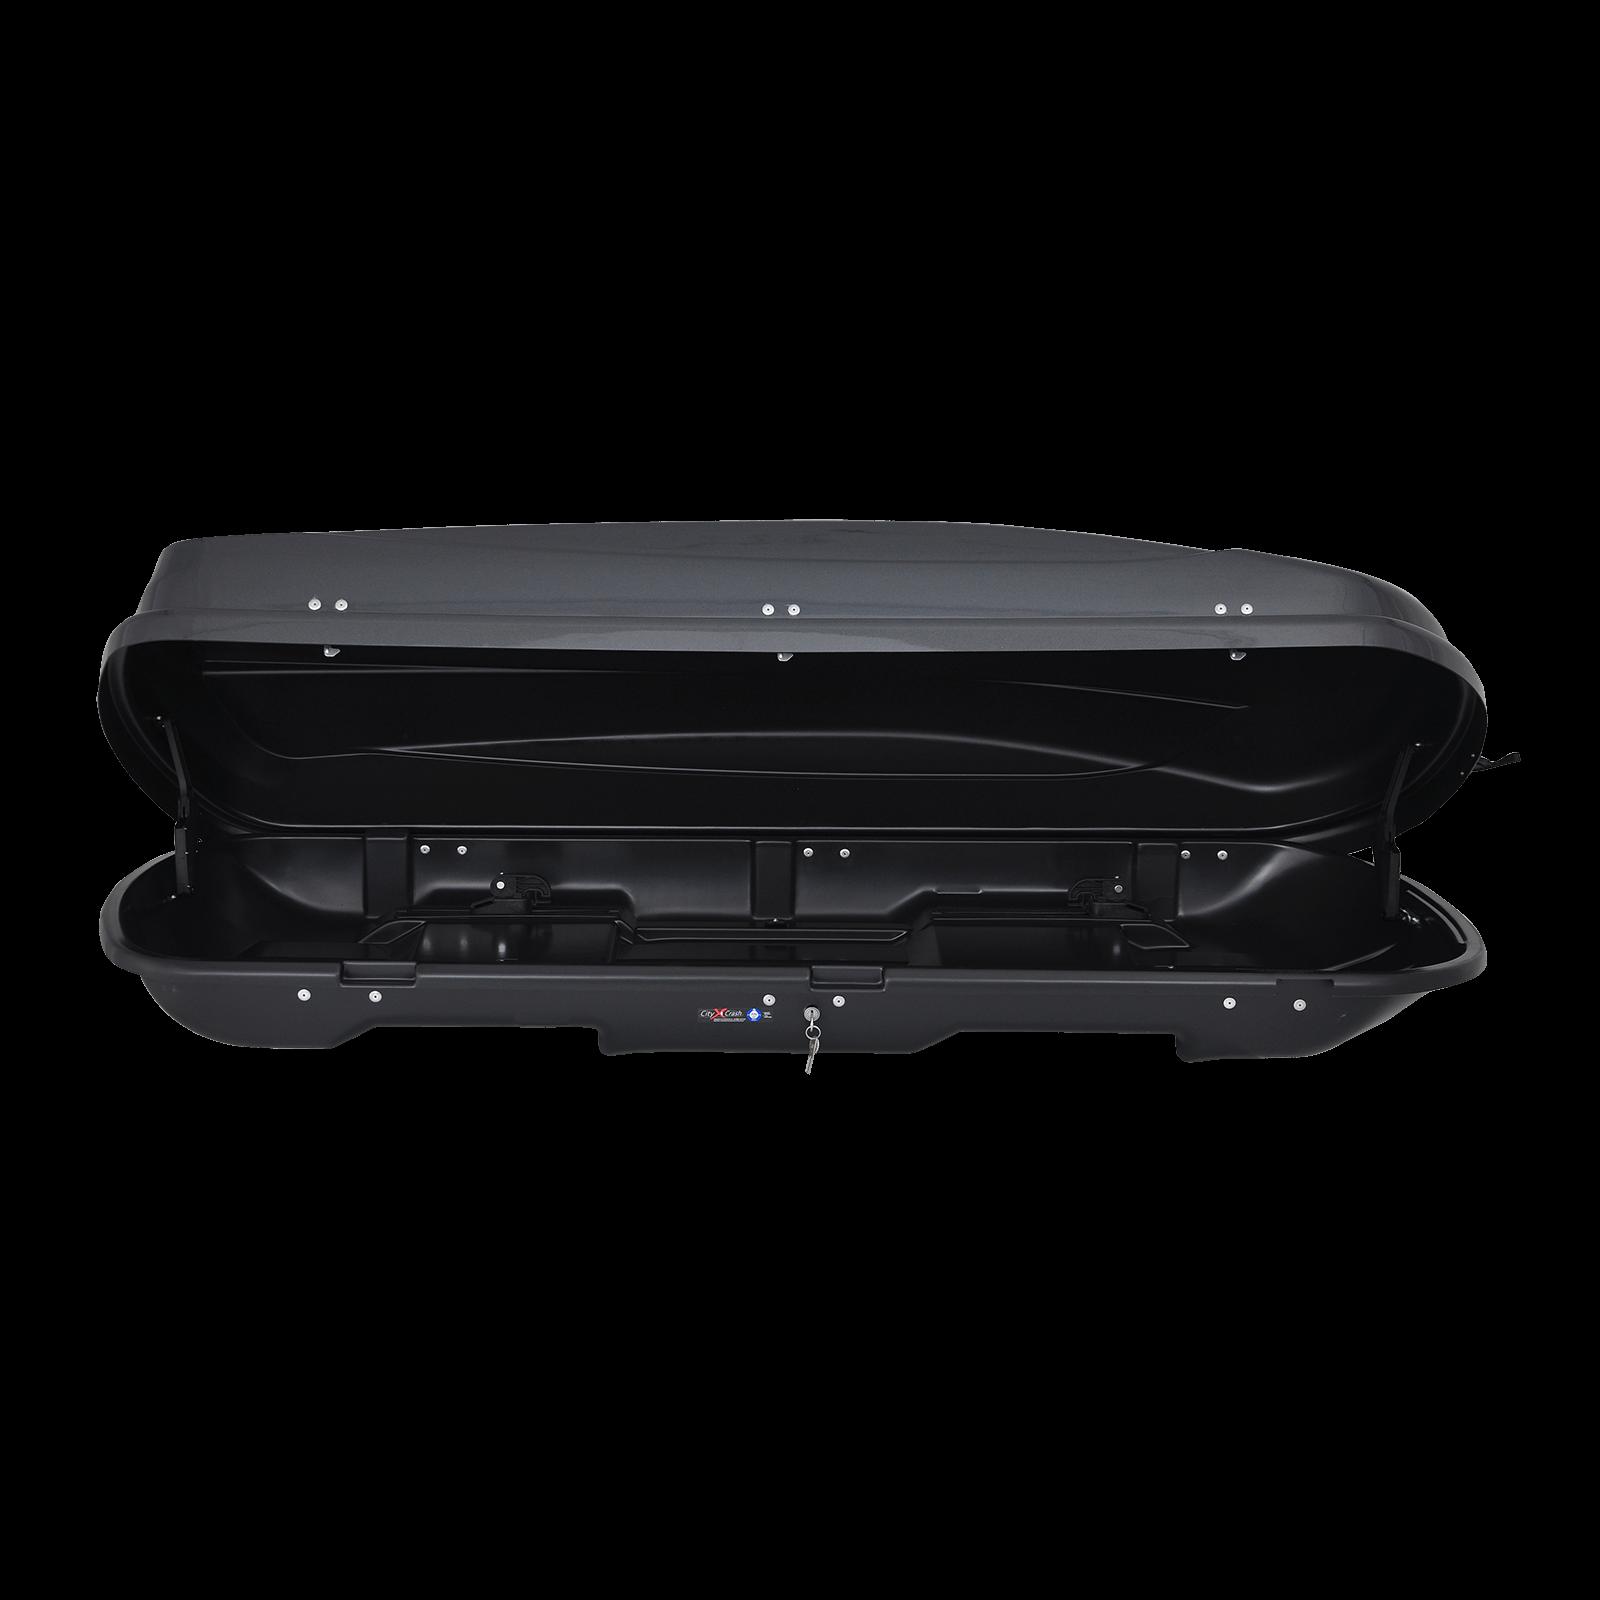 Dachbox Junior Xtreme 450 Dark glossy grey - Bild 2